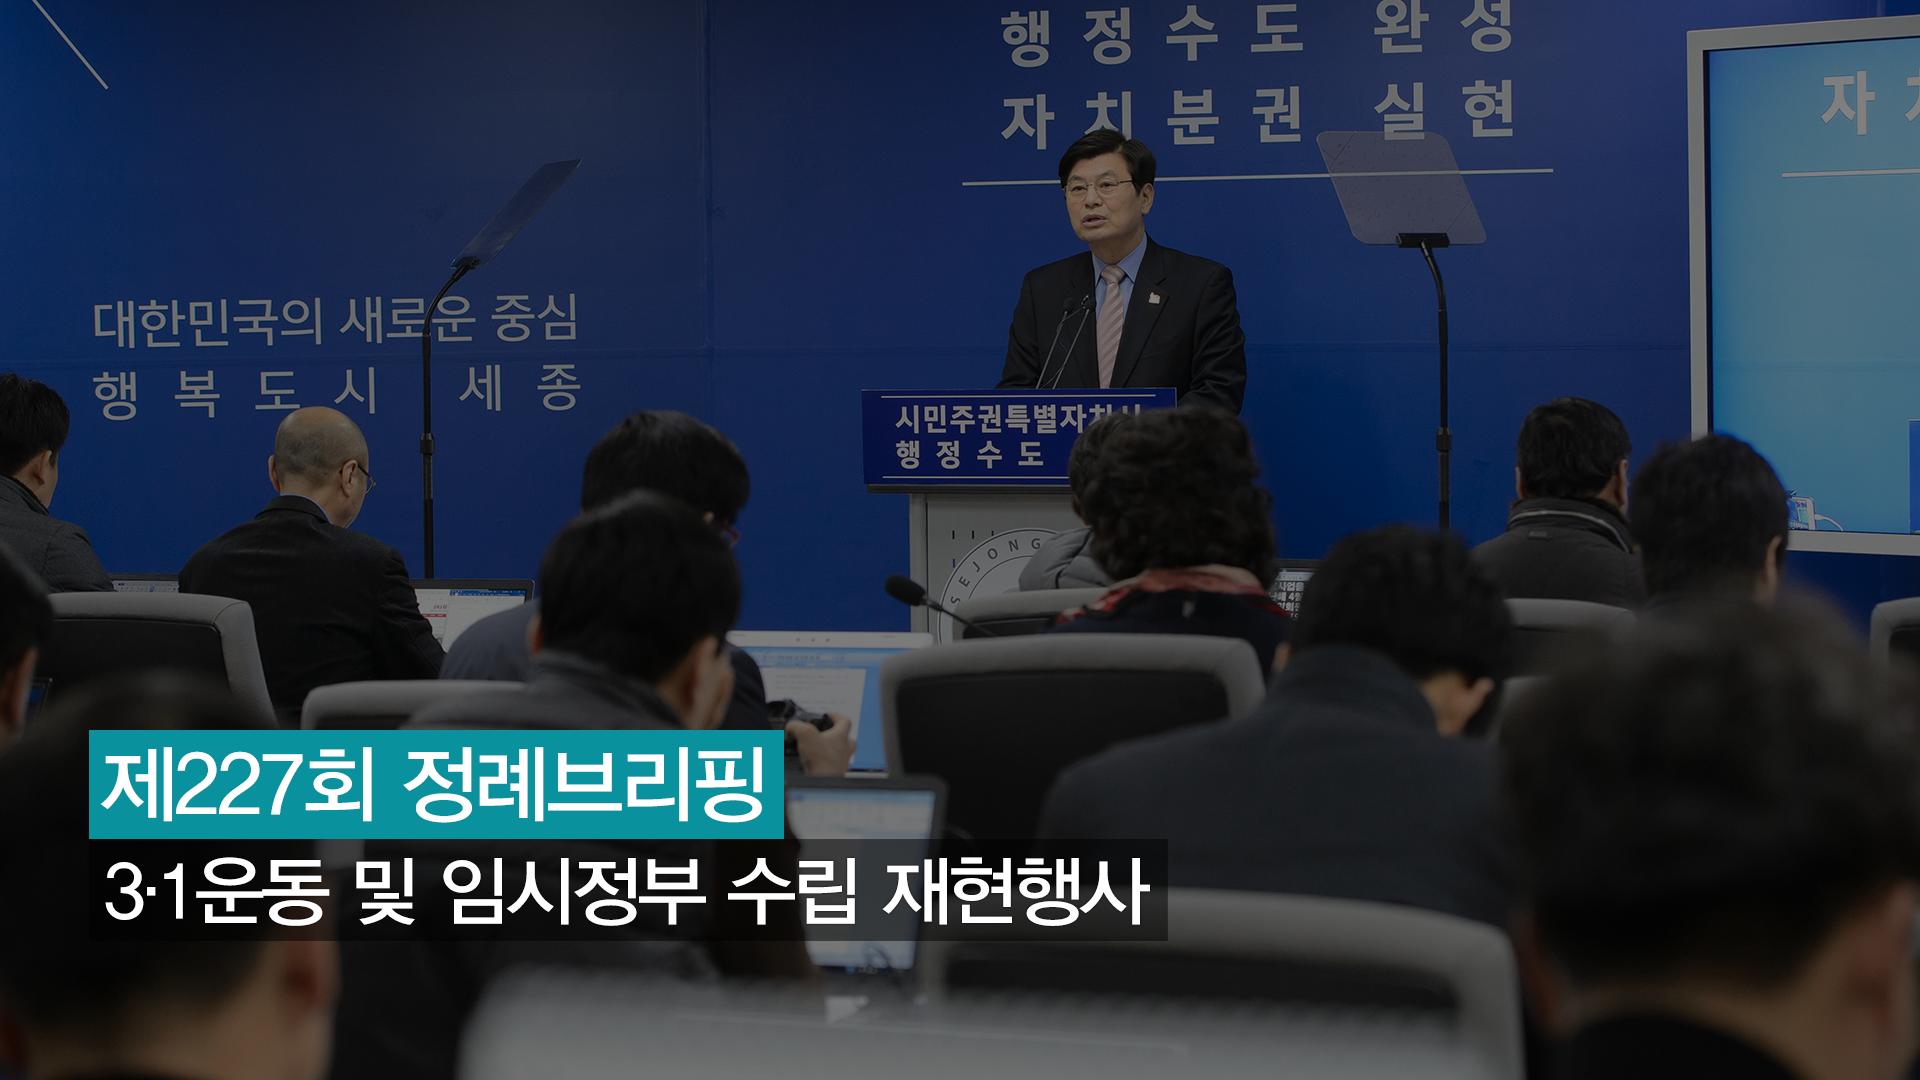 <227번째 정례브리핑> 3·1운동 및 임시정부 수립 재현행사